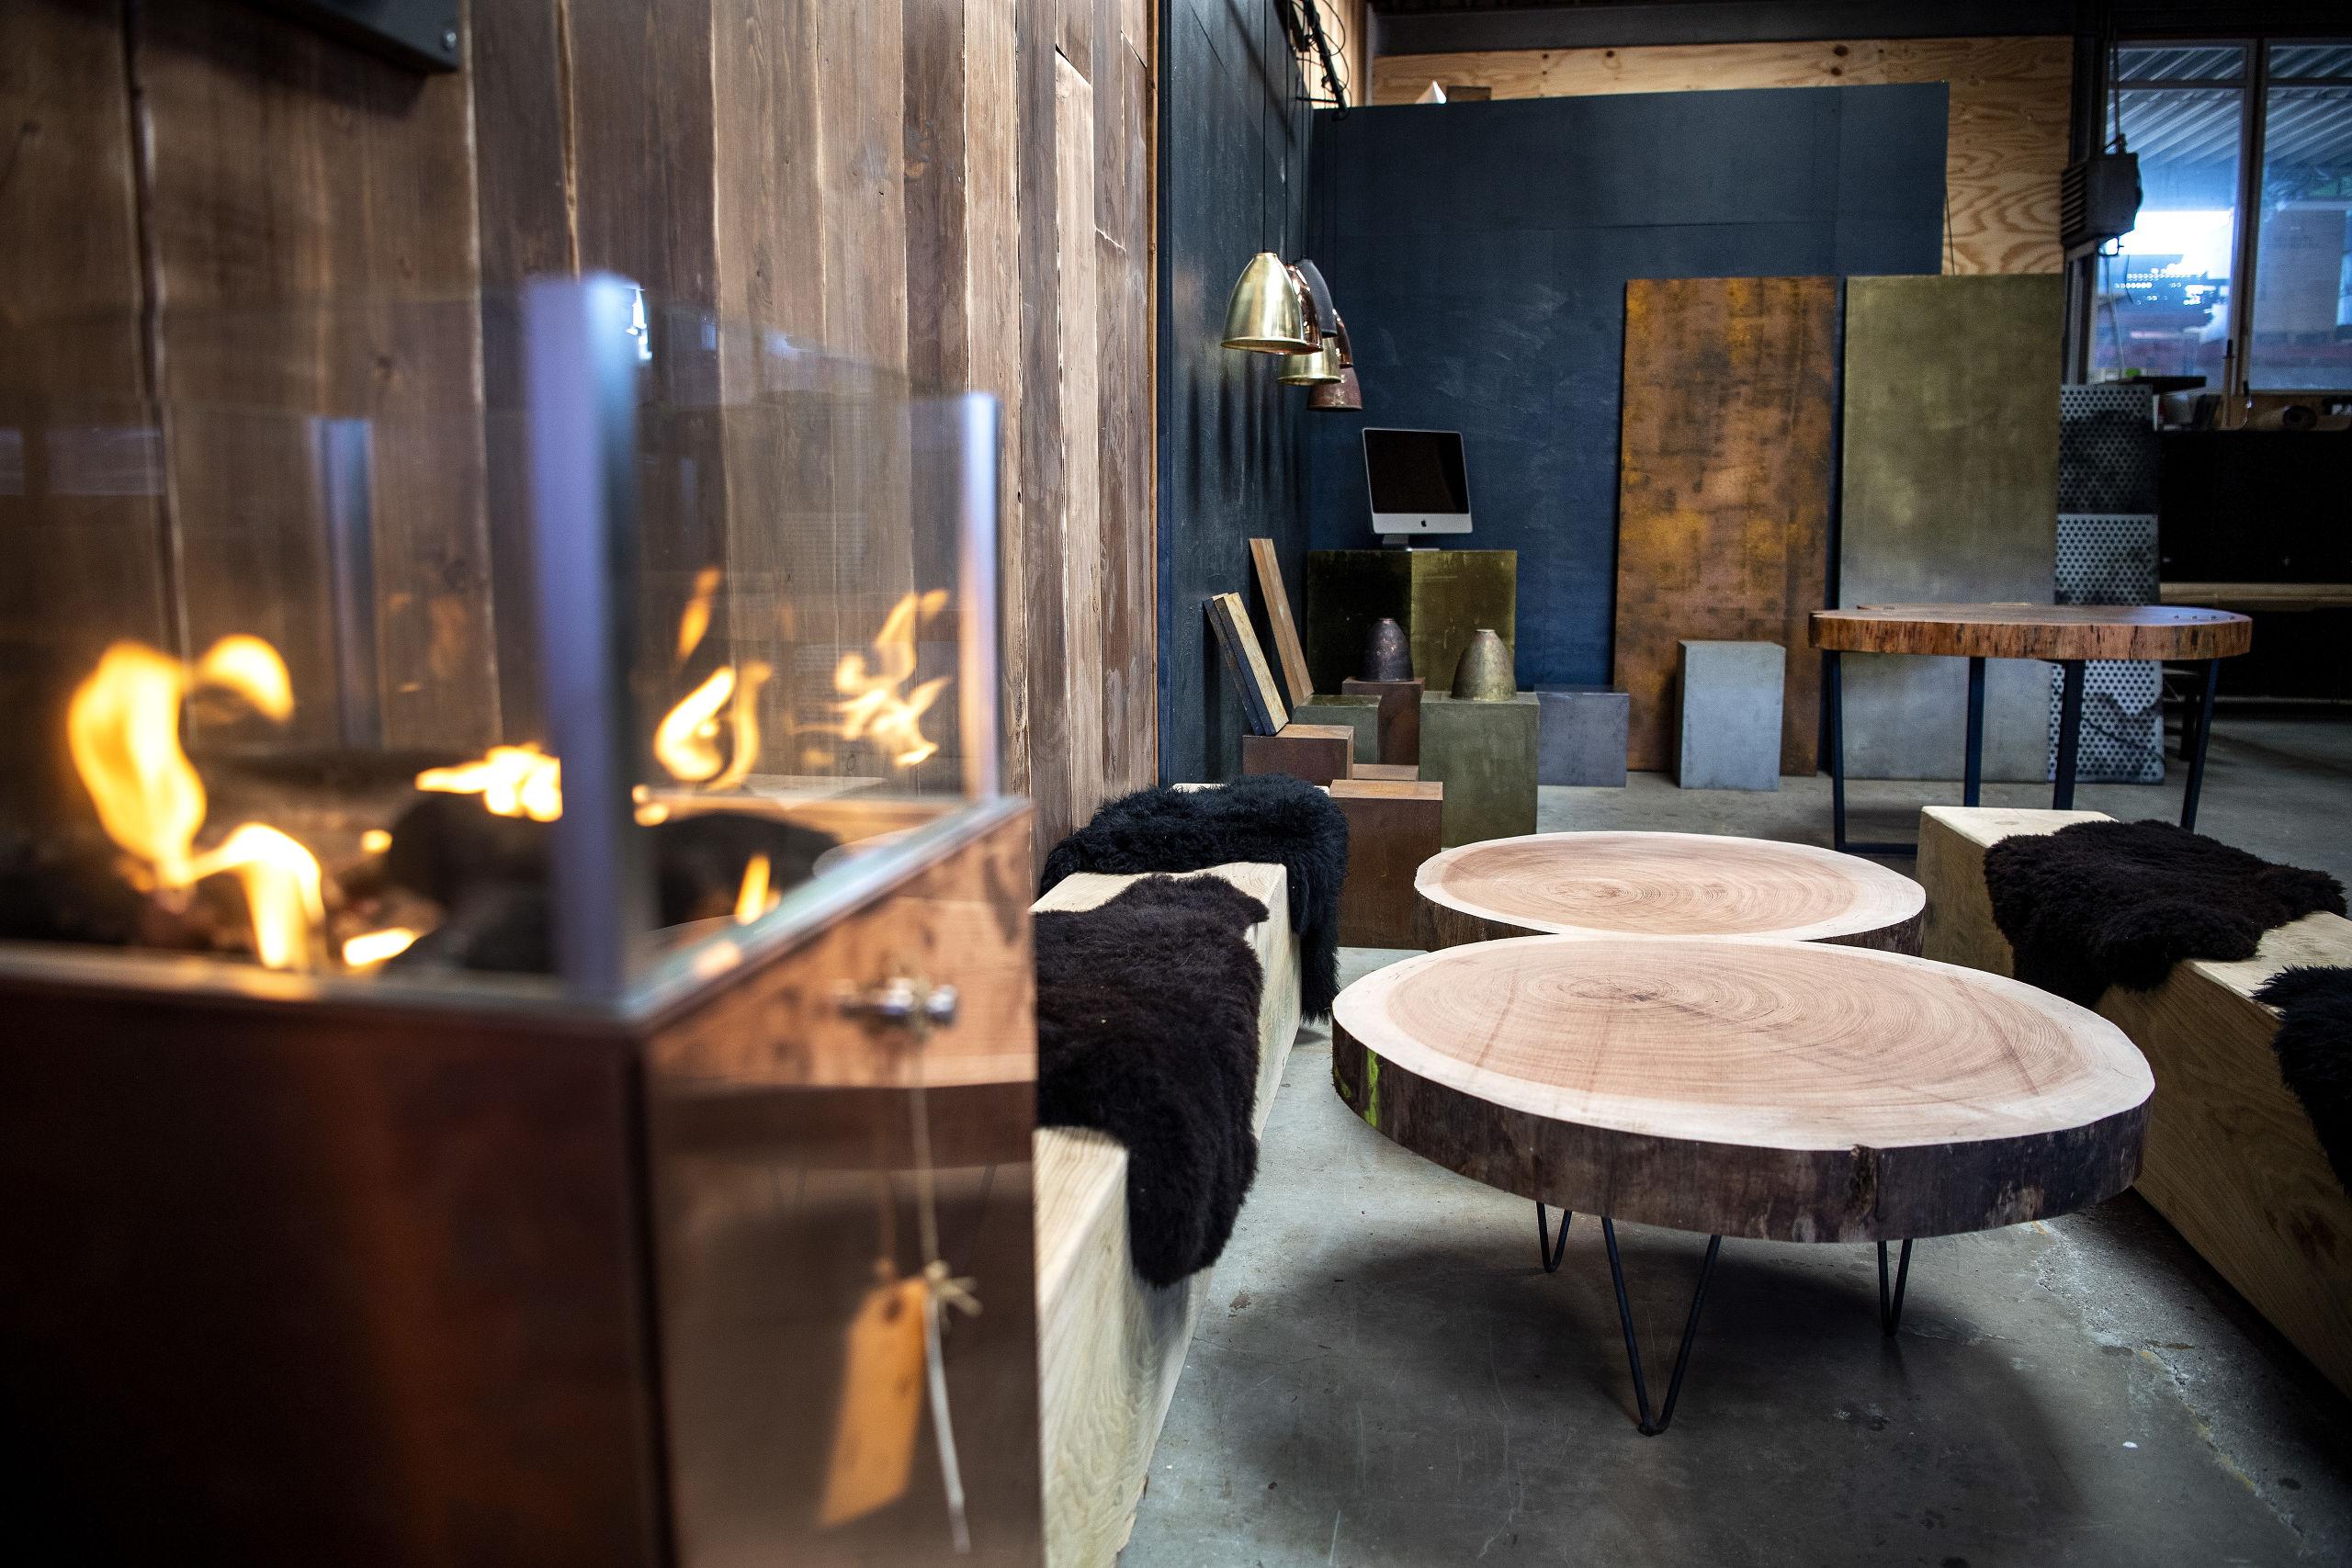 I det nye showroom kan man se møblerne i en helhed. Foto: Laura Guldhammer